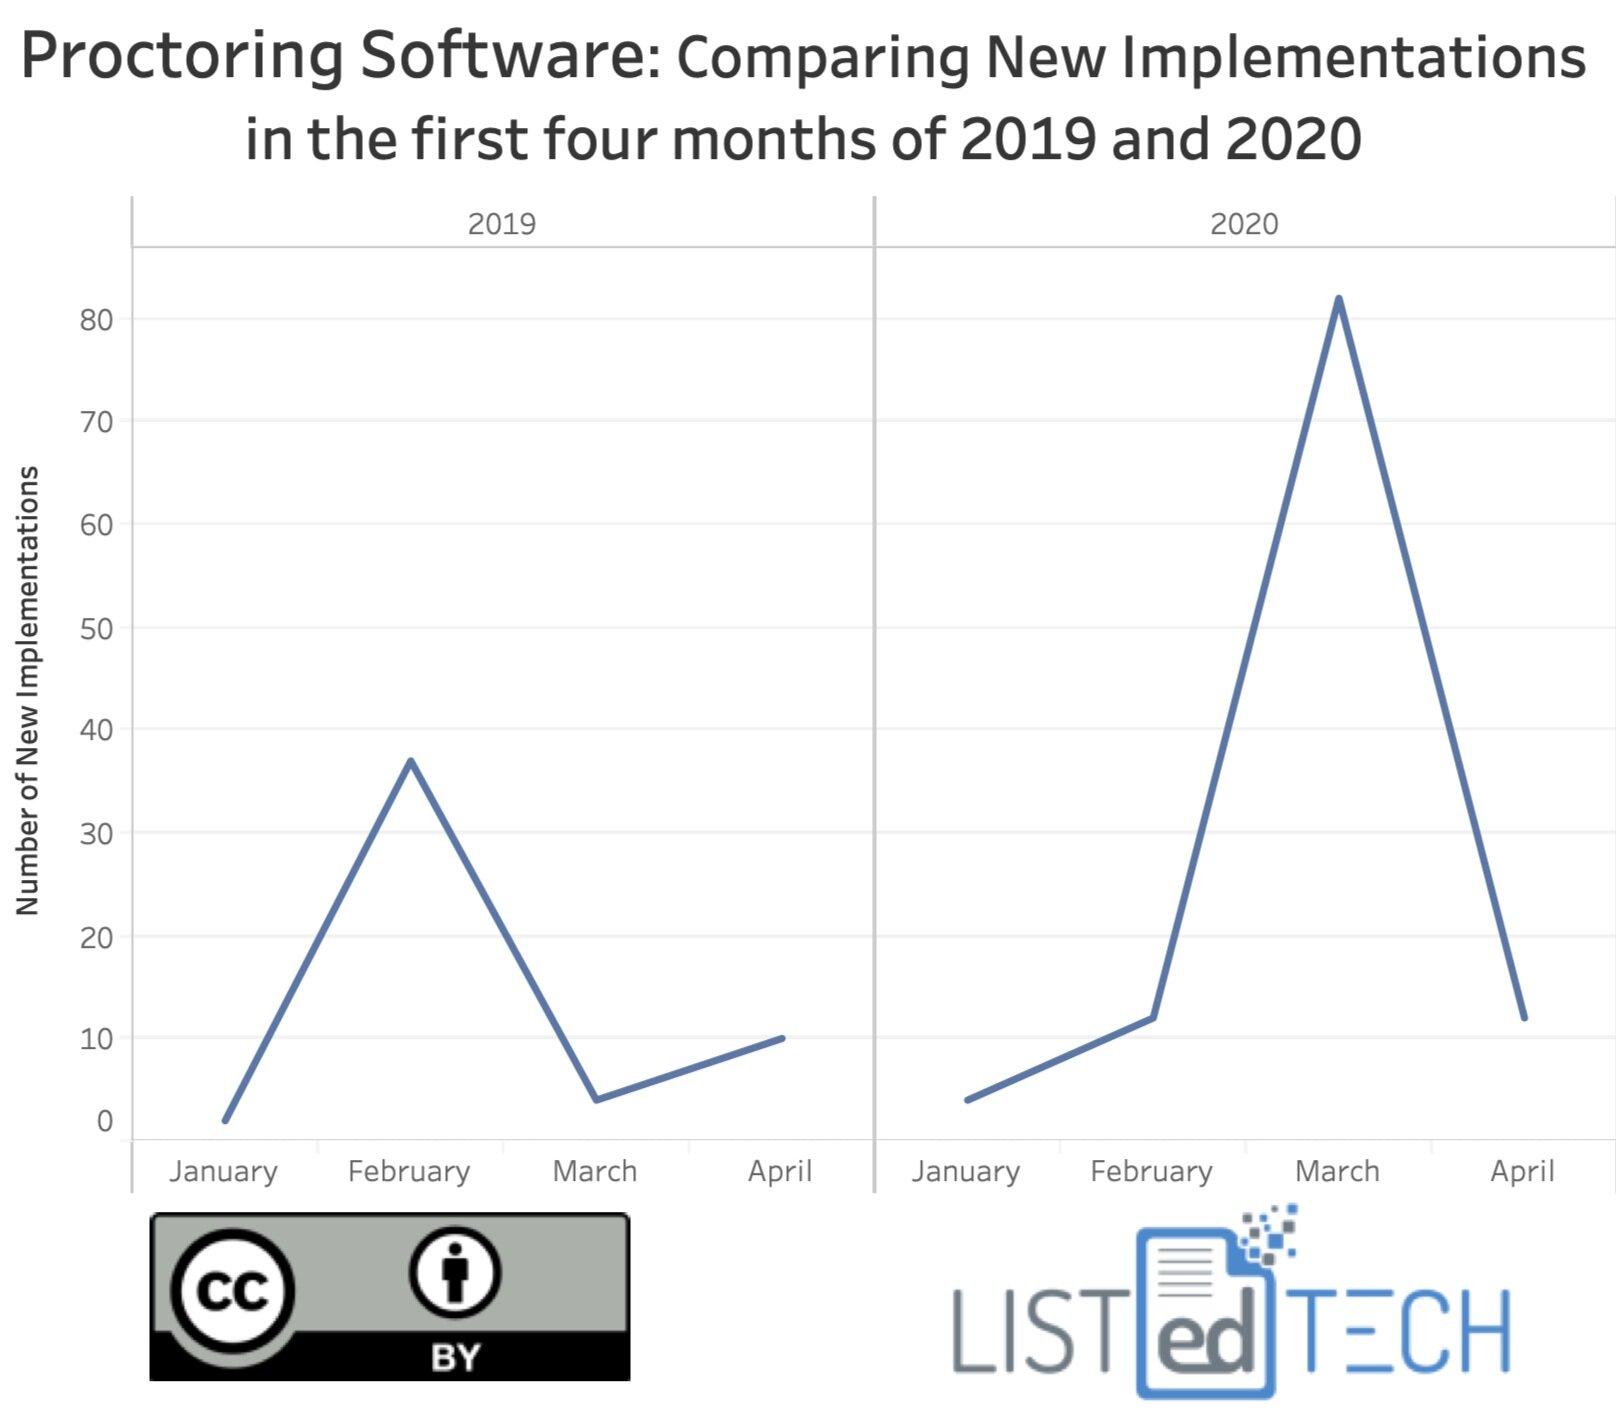 Proctoring Software - LisTedTECH